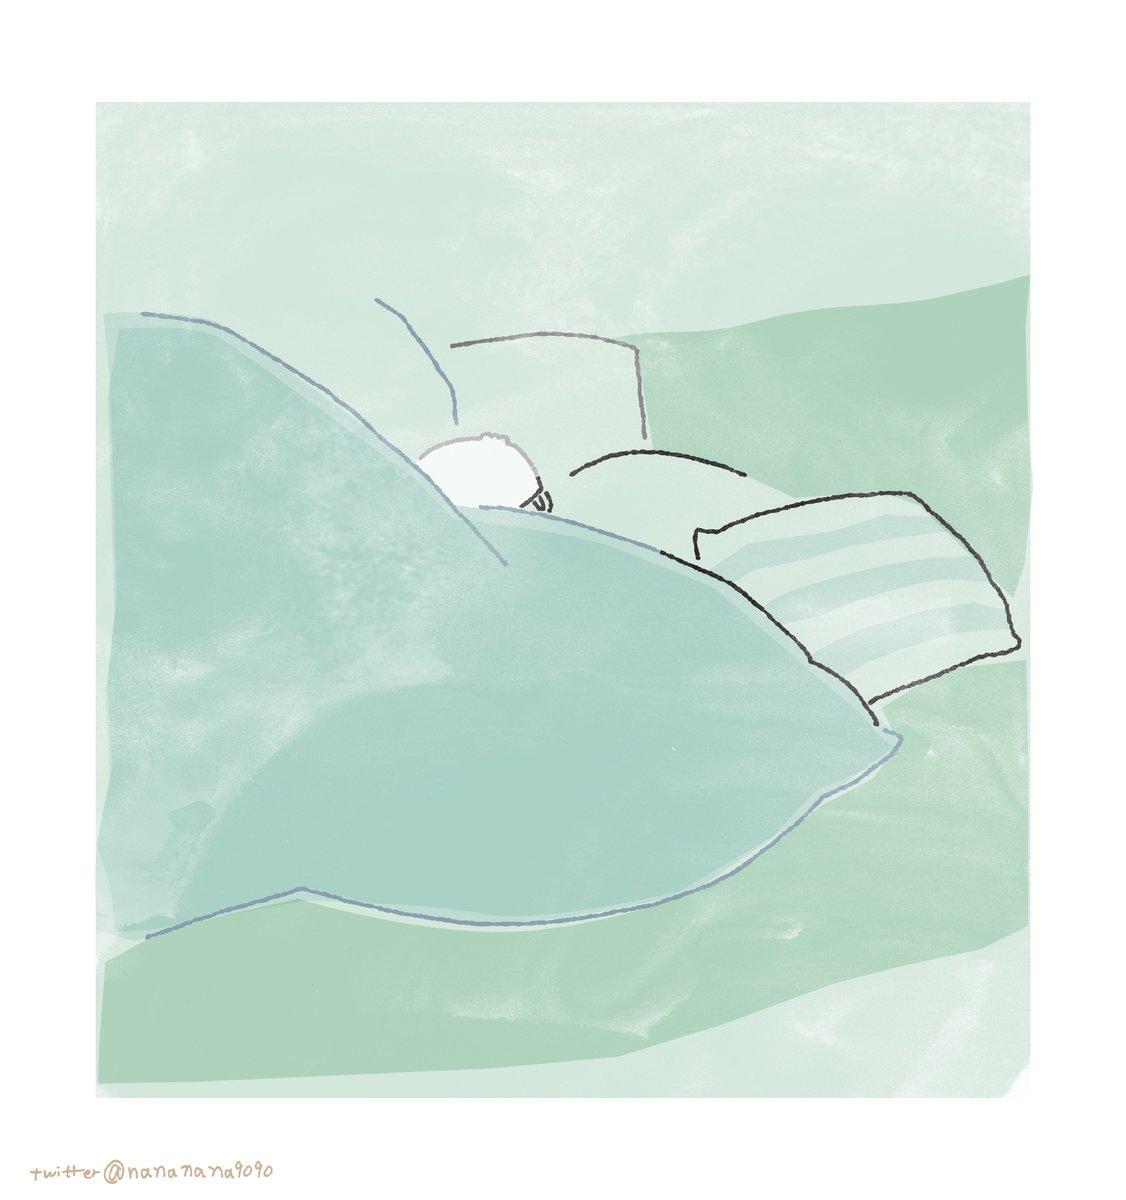 「あれ?静かだな。寝たのかな?」って寝室のぞいたらポチャがこう…こう、じってしてた。